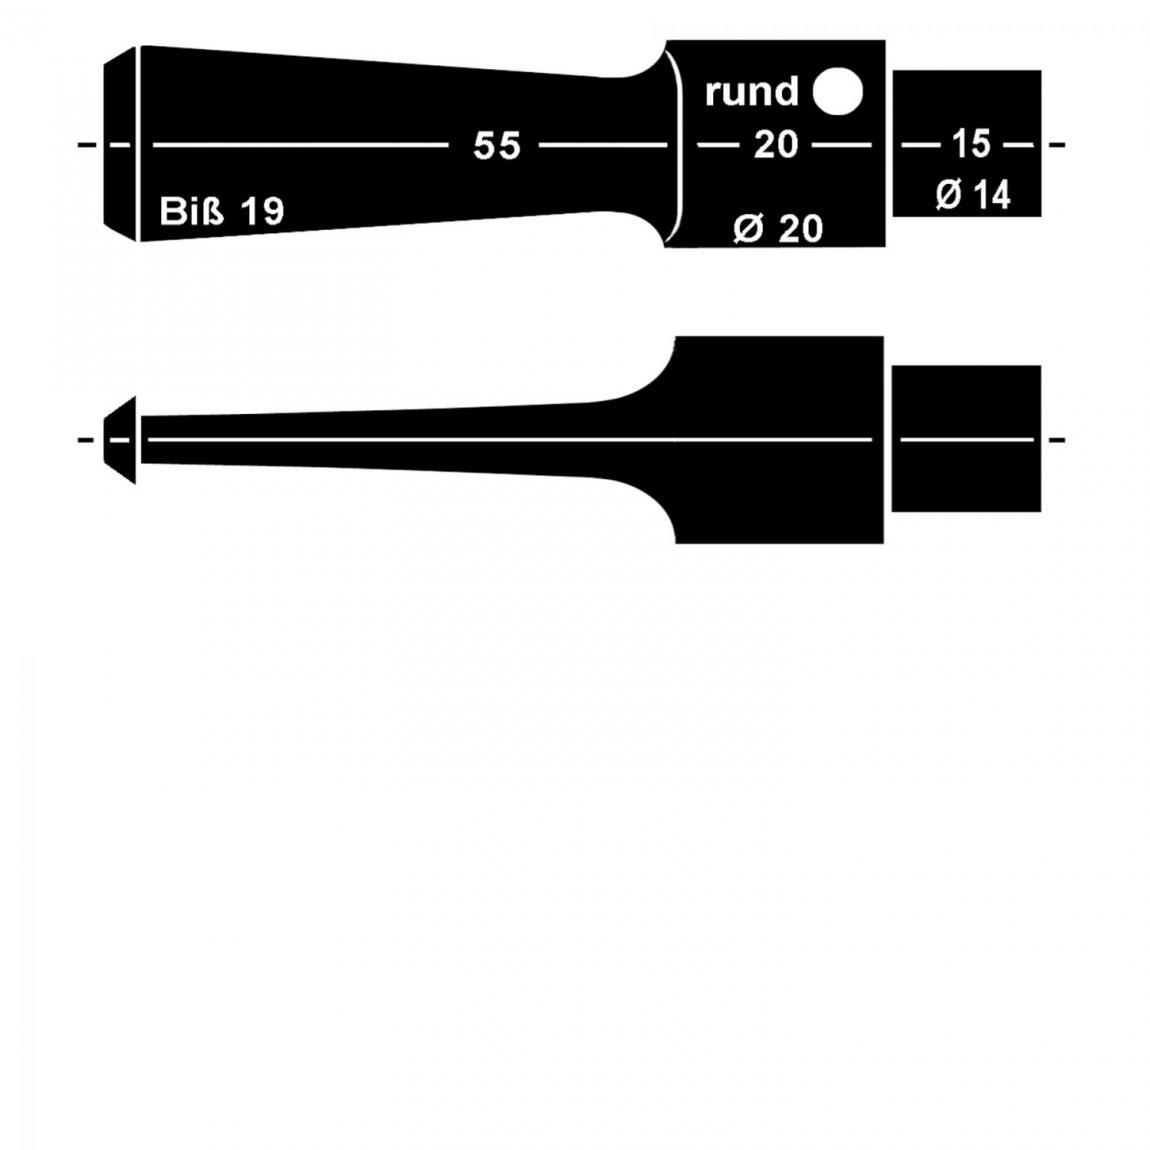 Mundstück aus Acryl Nr. 13 Sattel rund, vorgedreht ohne Filter